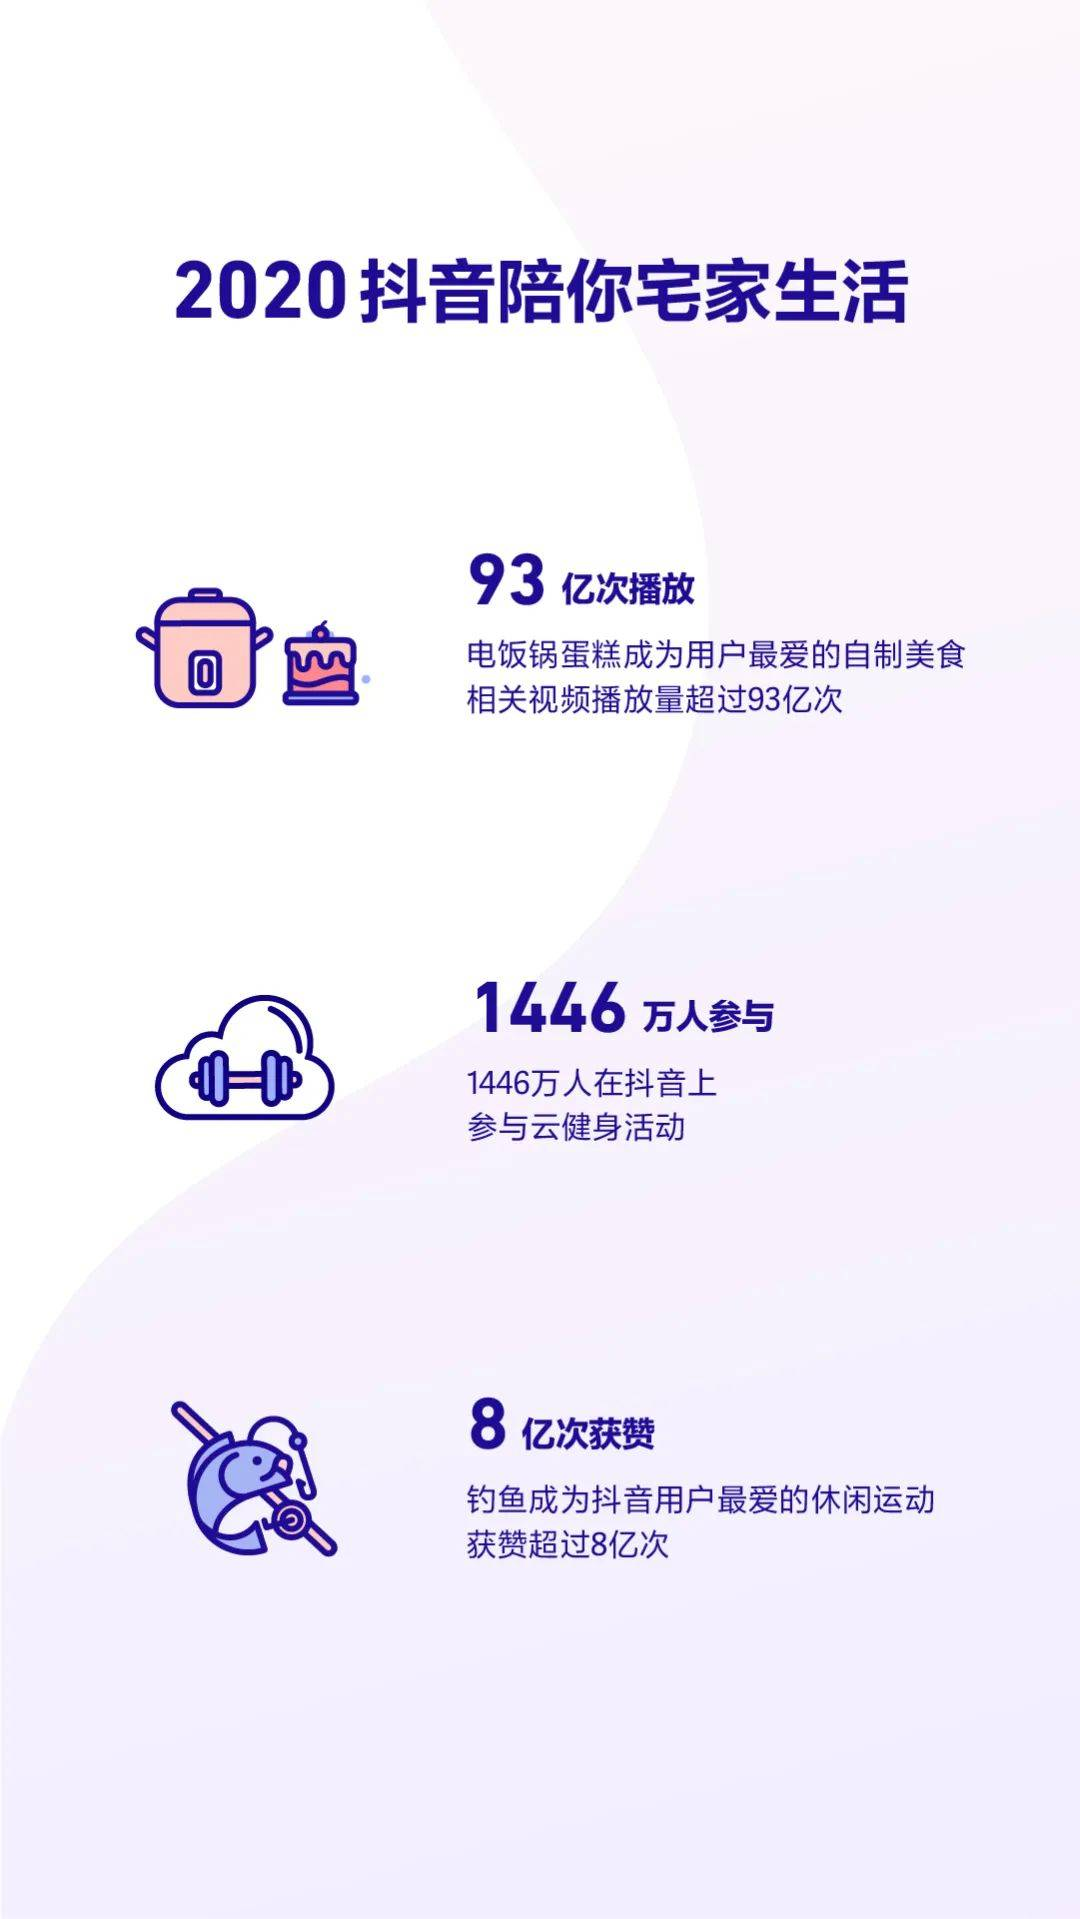 2020日活排名_手机处理器排名2020